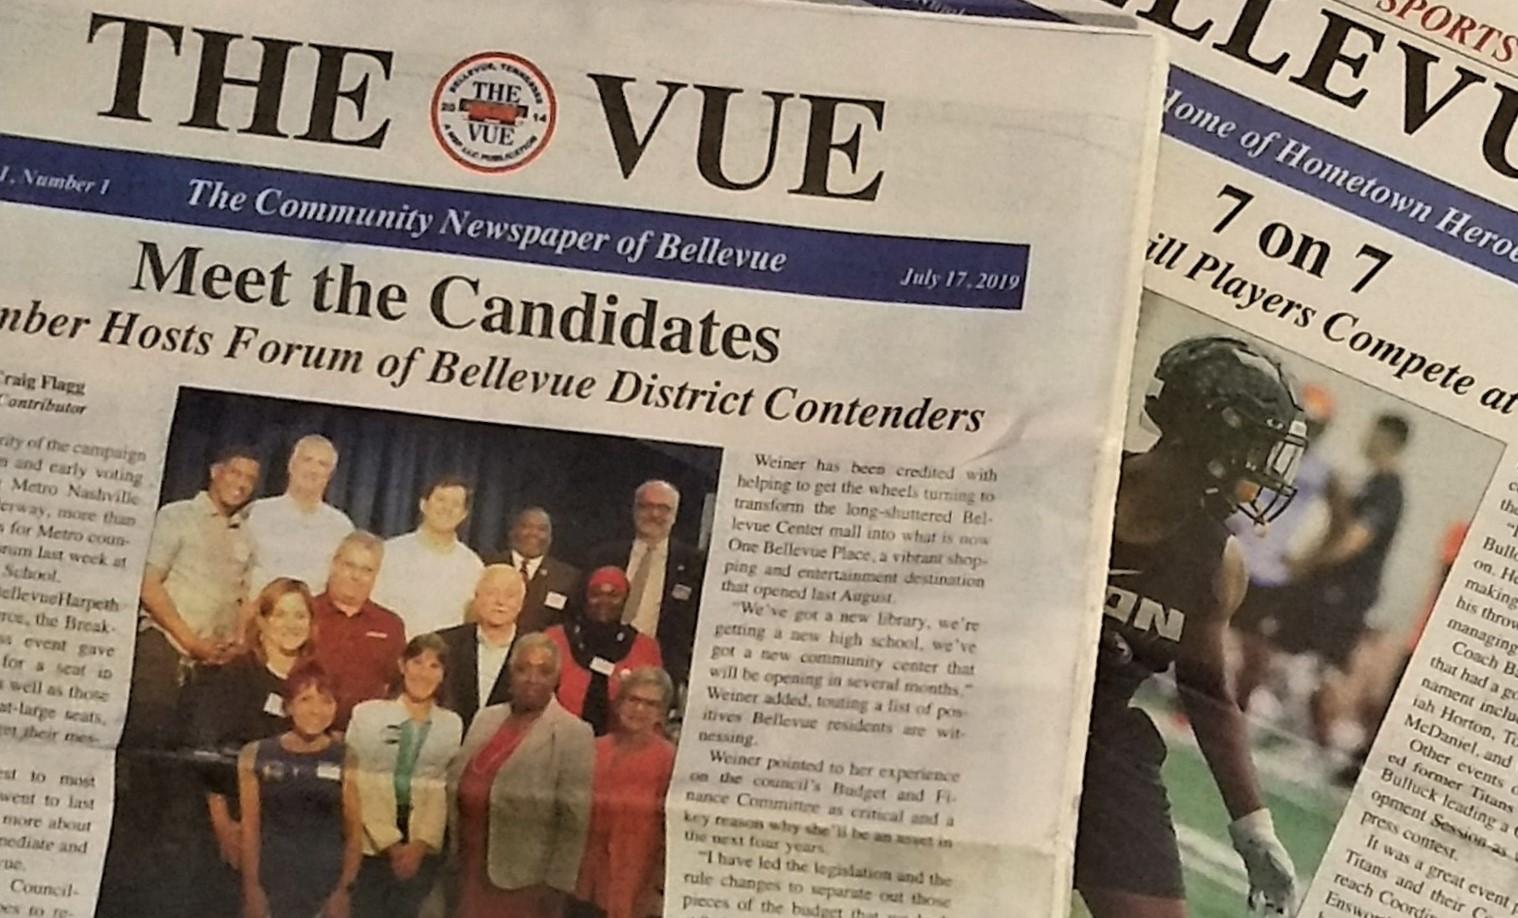 Head of 'Bellevue Sports Weekly' begins latest community newspaper venture